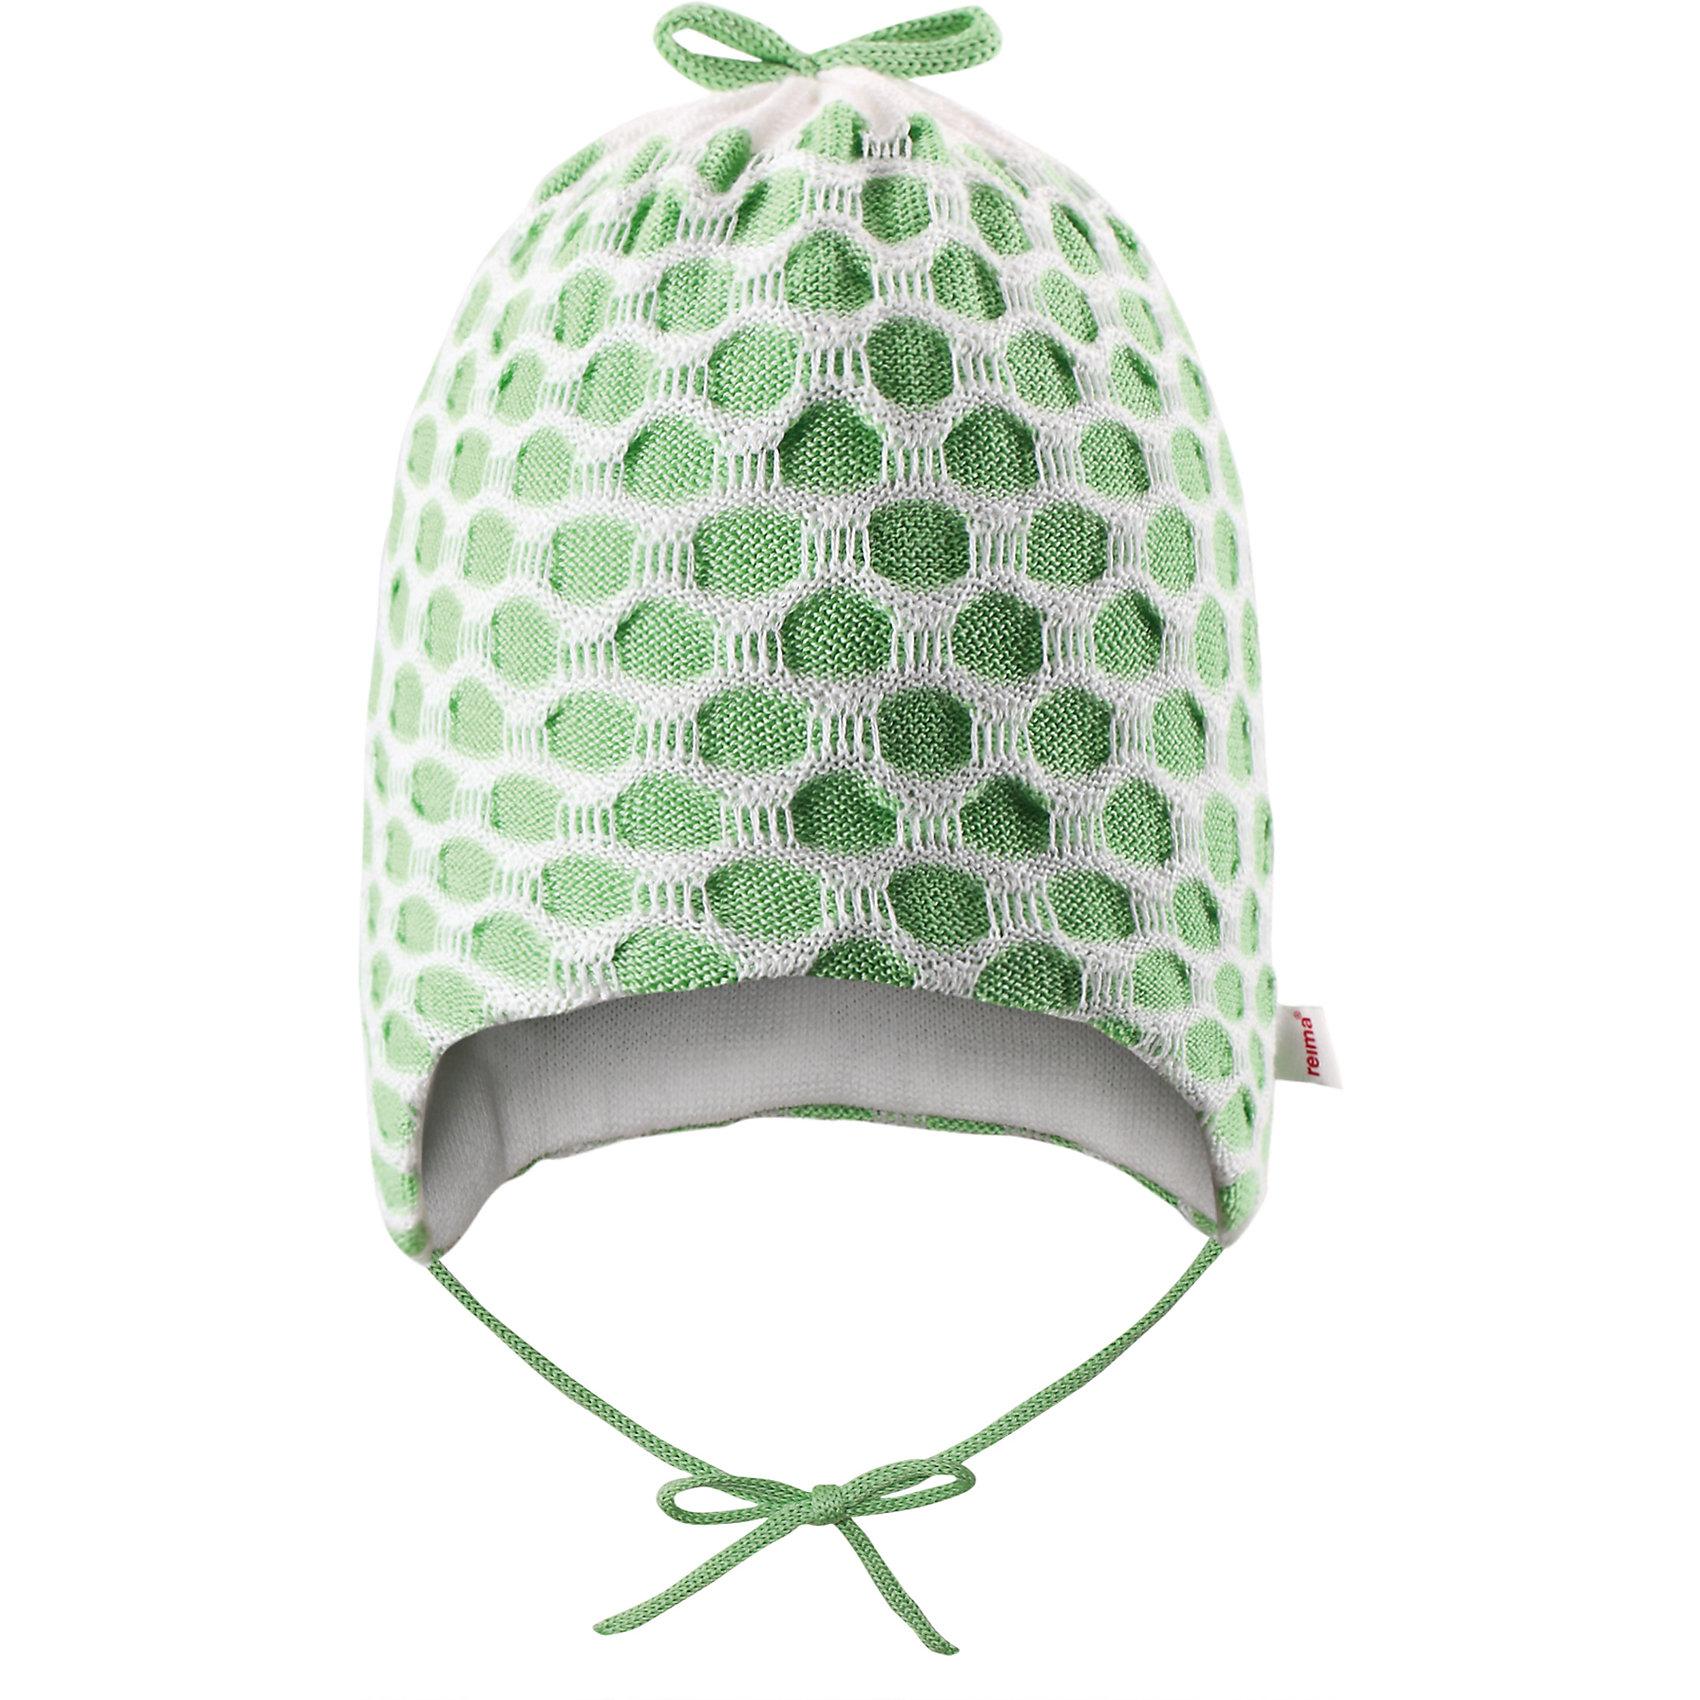 Шапка ReimaСтильная модель для чудесных весенних дней. Эта уютная и мягкая шапочка из хлопка идеально подходит для новорожденных малышей. Она изготовлена из дышащего материала и подойдет как для дома, так и для улицы. Забавный вязаный узор создает классный образ.<br><br>Дополнительная информация:<br><br>Шапка «Бини» для самых маленьких<br>Смесь экологичного волокна Tencel® и органического хлопка<br>Сплошная подкладка: хлопчатобумажная ткань<br>Милый вязаный узор<br>Состав:<br>50% Лиоцелл 50% ХЛ<br>Уход:<br>Стирать с бельем одинакового цвета, вывернув наизнанку. Стирать моющим средством, не содержащим отбеливающие вещества. Придать первоначальную форму вo влажном виде.<br><br>Ширина мм: 89<br>Глубина мм: 117<br>Высота мм: 44<br>Вес г: 155<br>Цвет: зеленый<br>Возраст от месяцев: 1<br>Возраст до месяцев: 3<br>Пол: Женский<br>Возраст: Детский<br>Размер: 36-38,40-42,44-46<br>SKU: 4498325